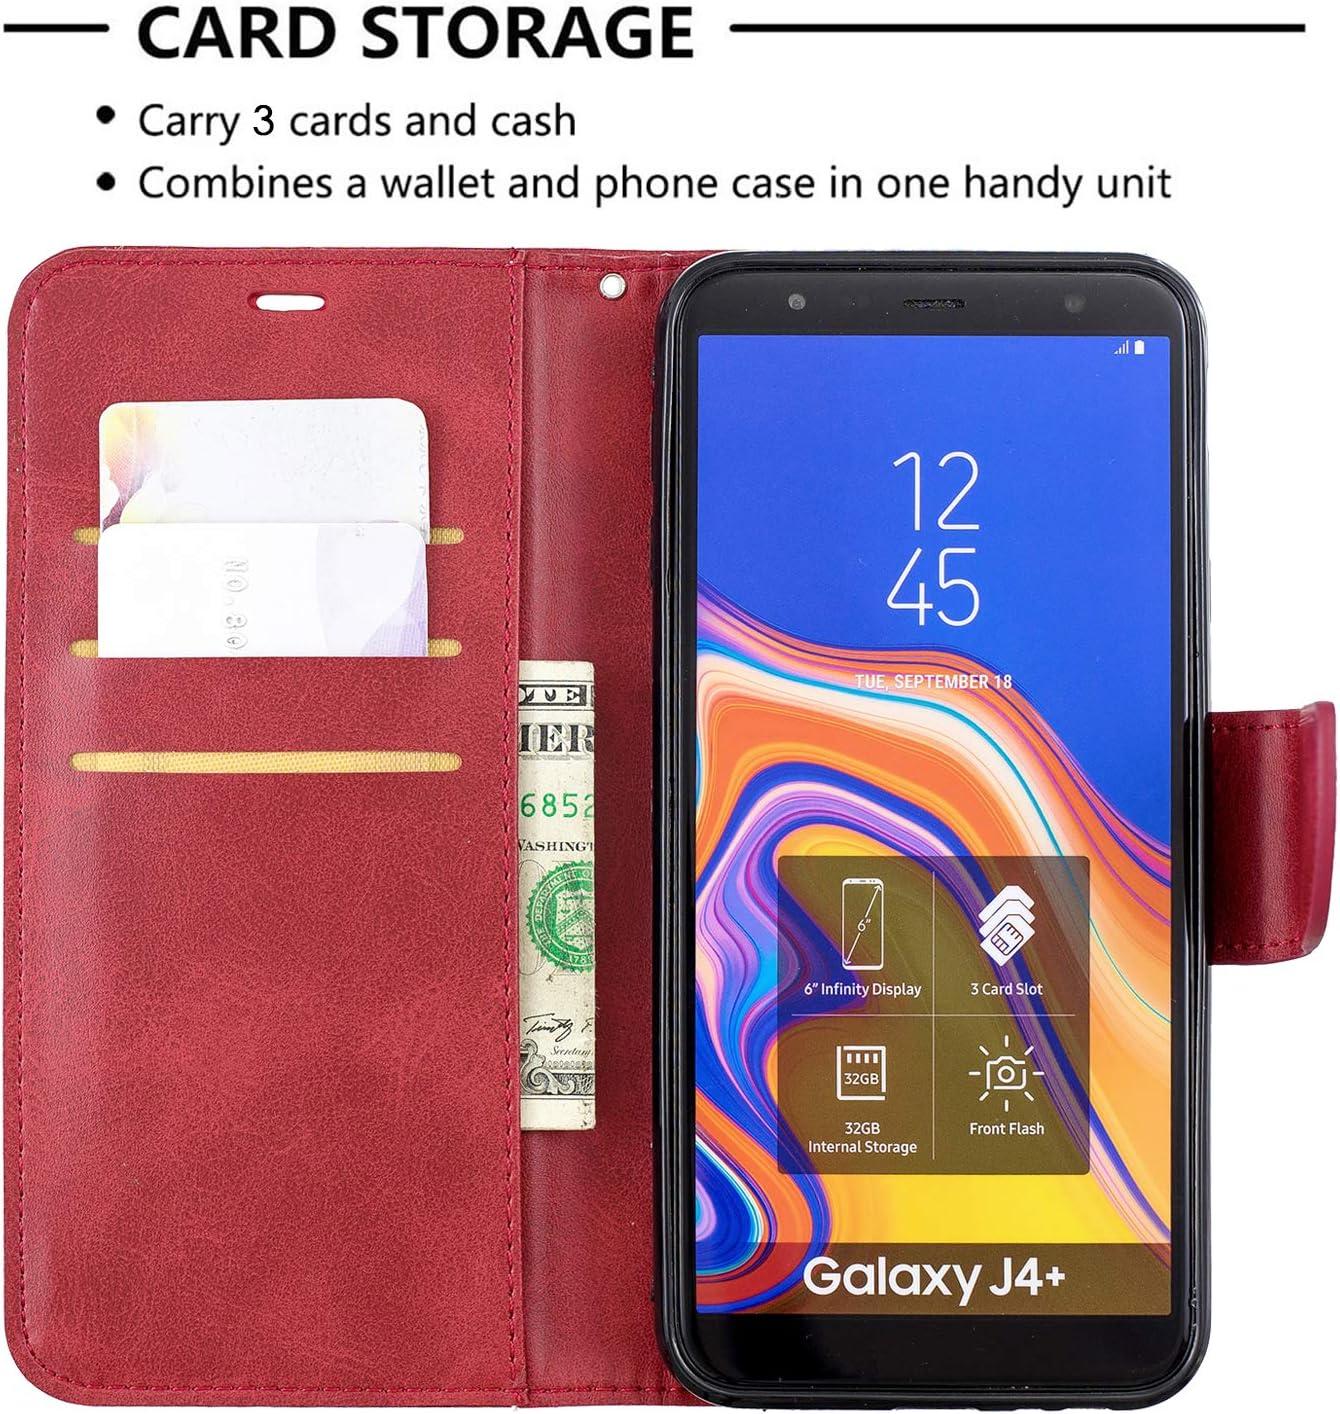 J4 Plus J4Plus - LOBFE150146 Rosso Custodia Portafoglio a Libro Pelle Porta Carte Chiusura Magnetica Antiurto Leather Wallet Case per Samsung Galaxy J4+ Lomogo Flip Cover Samsung Galaxy J4+